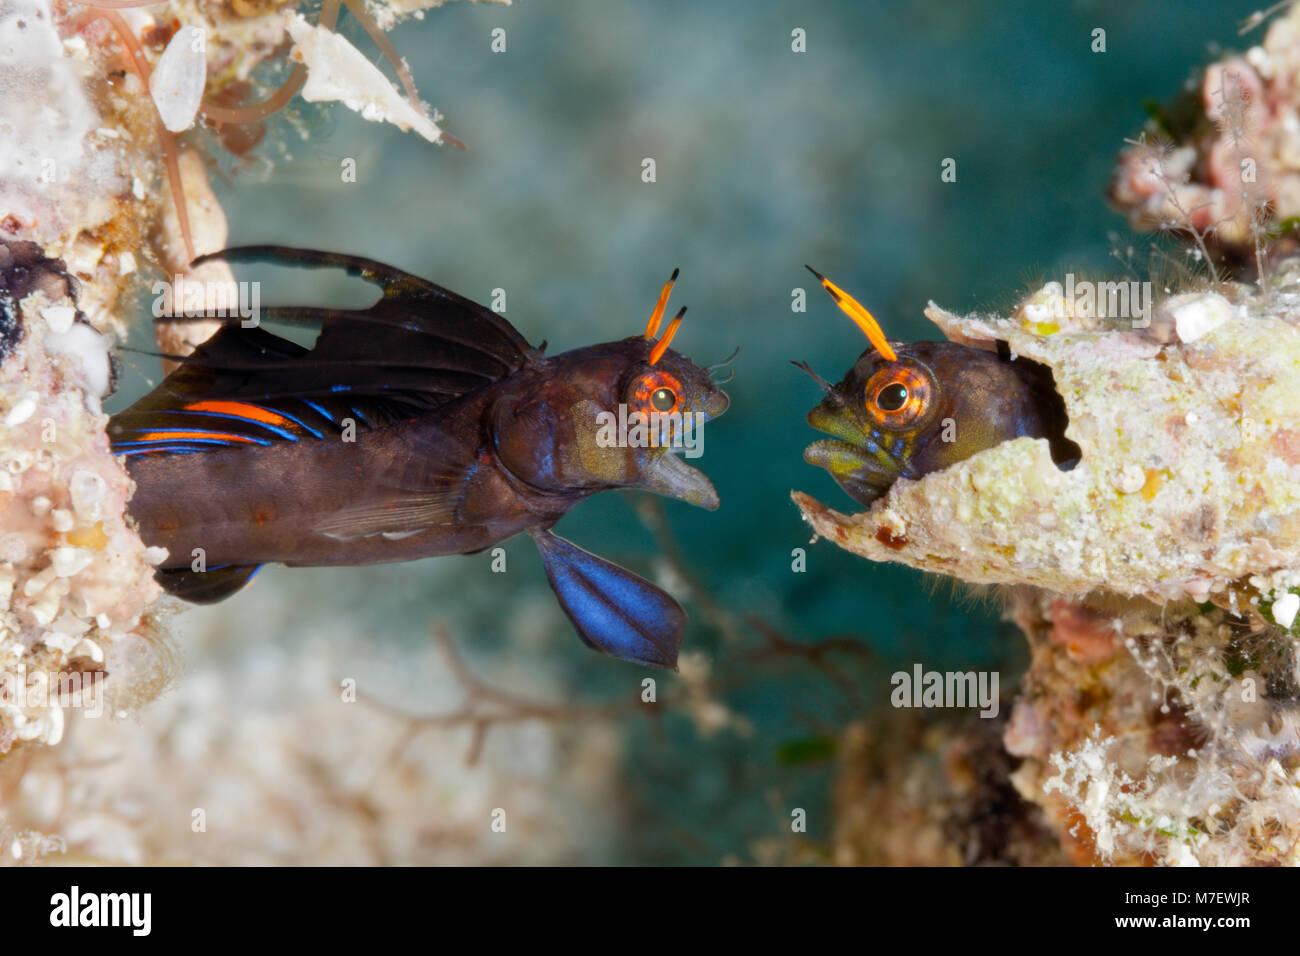 Golf Signal Schleimfische in bedrohlichen Haltung, Emblemaria hypacanthus, La Paz, Baja California Sur, Mexiko Stockbild